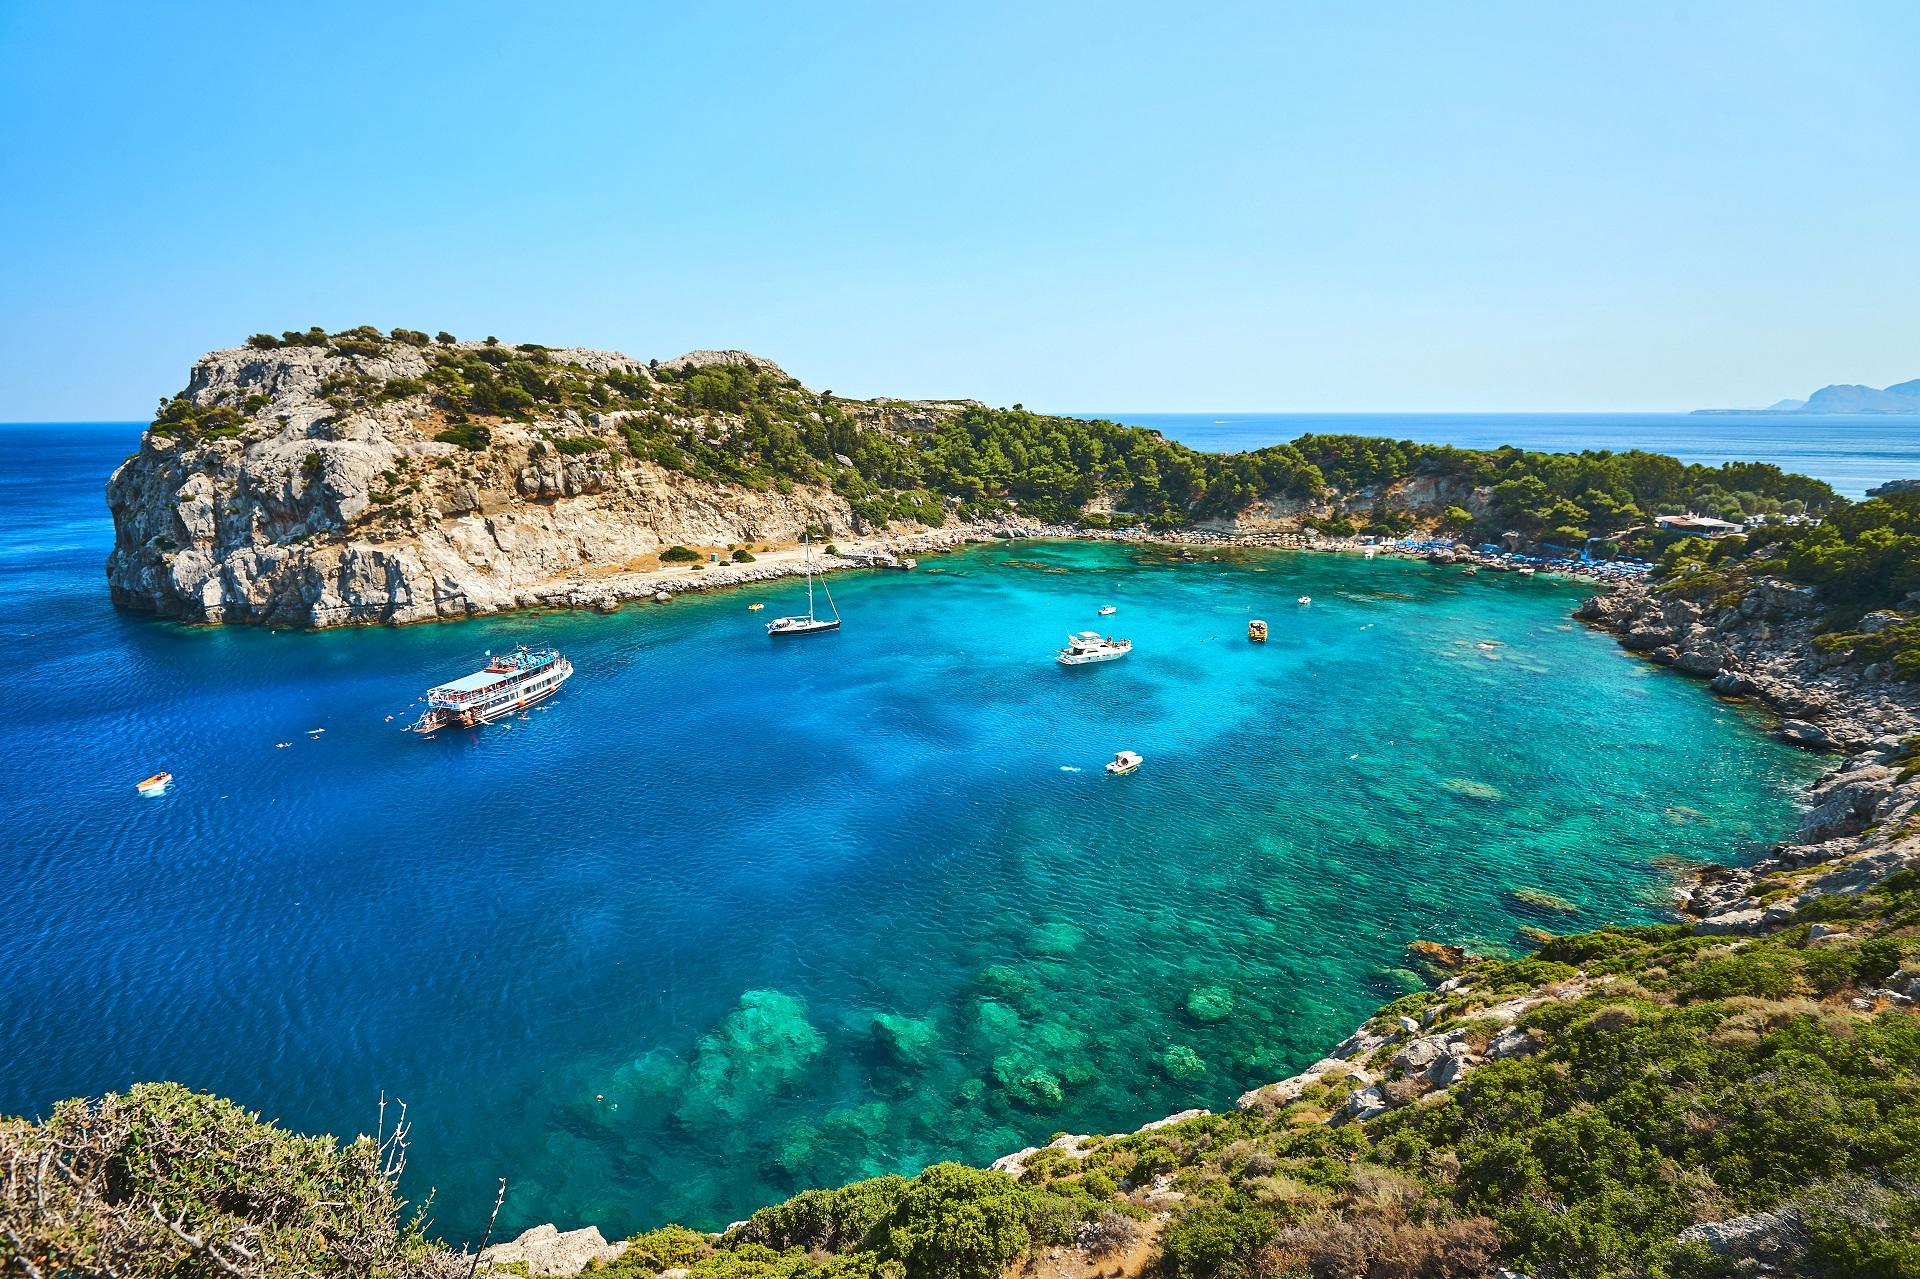 Anthony Quinn Bay auf Rhodos, einer der schönsten Strände Griechenlands